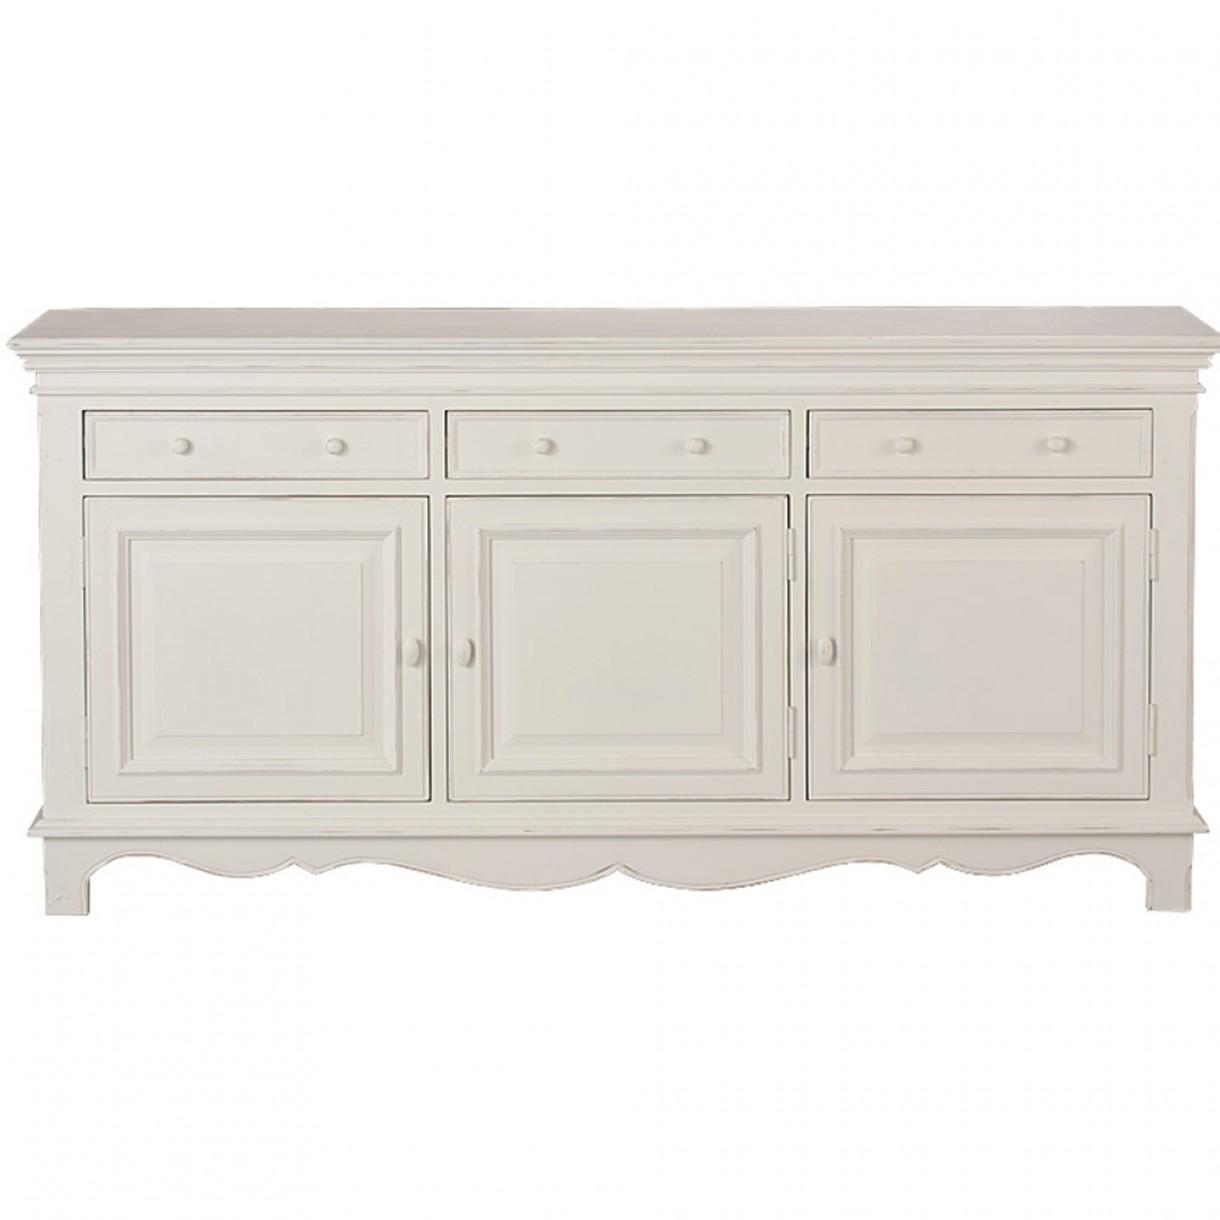 Harmonie 3 Door Sideboard throughout White Wash 3-Door 3-Drawer Sideboards (Image 13 of 30)